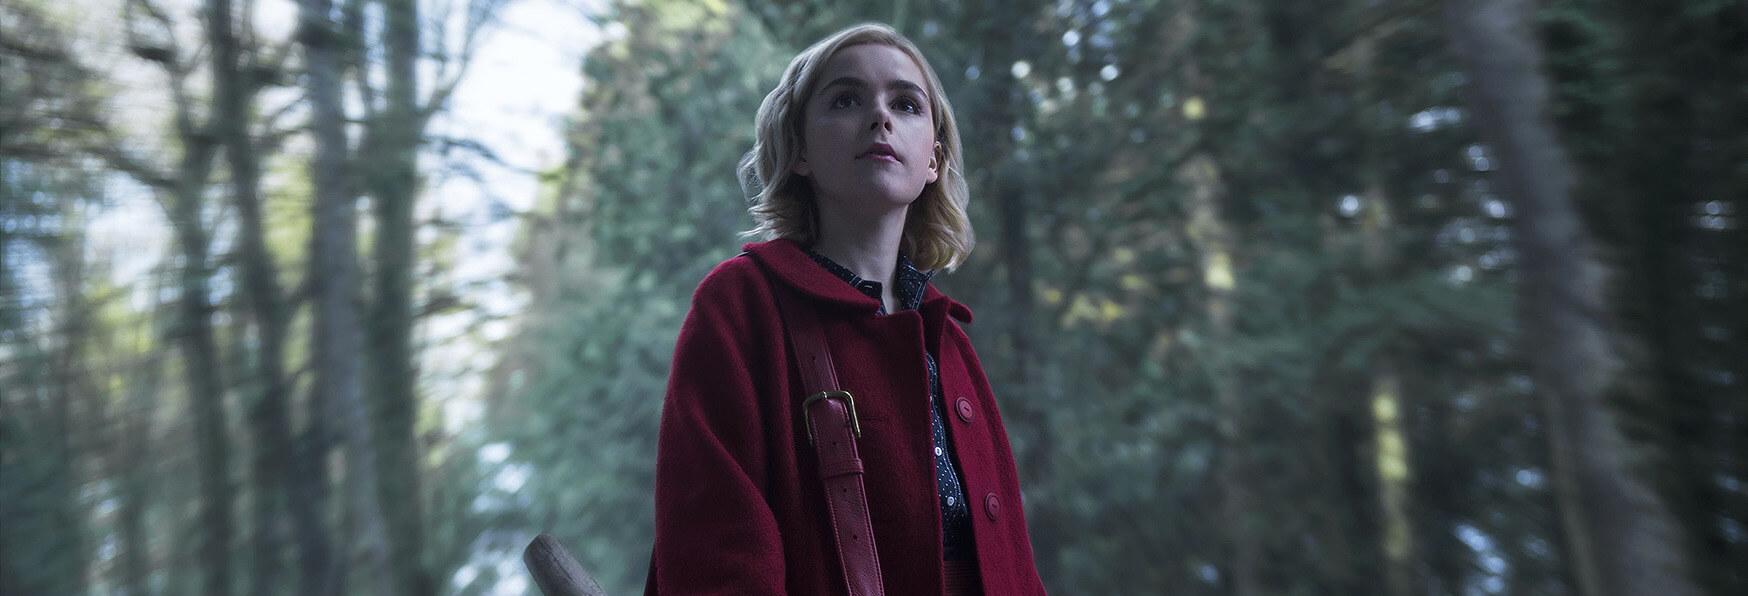 Riverdale e Sabrina: sarebbe potuto essere più di un Crossover